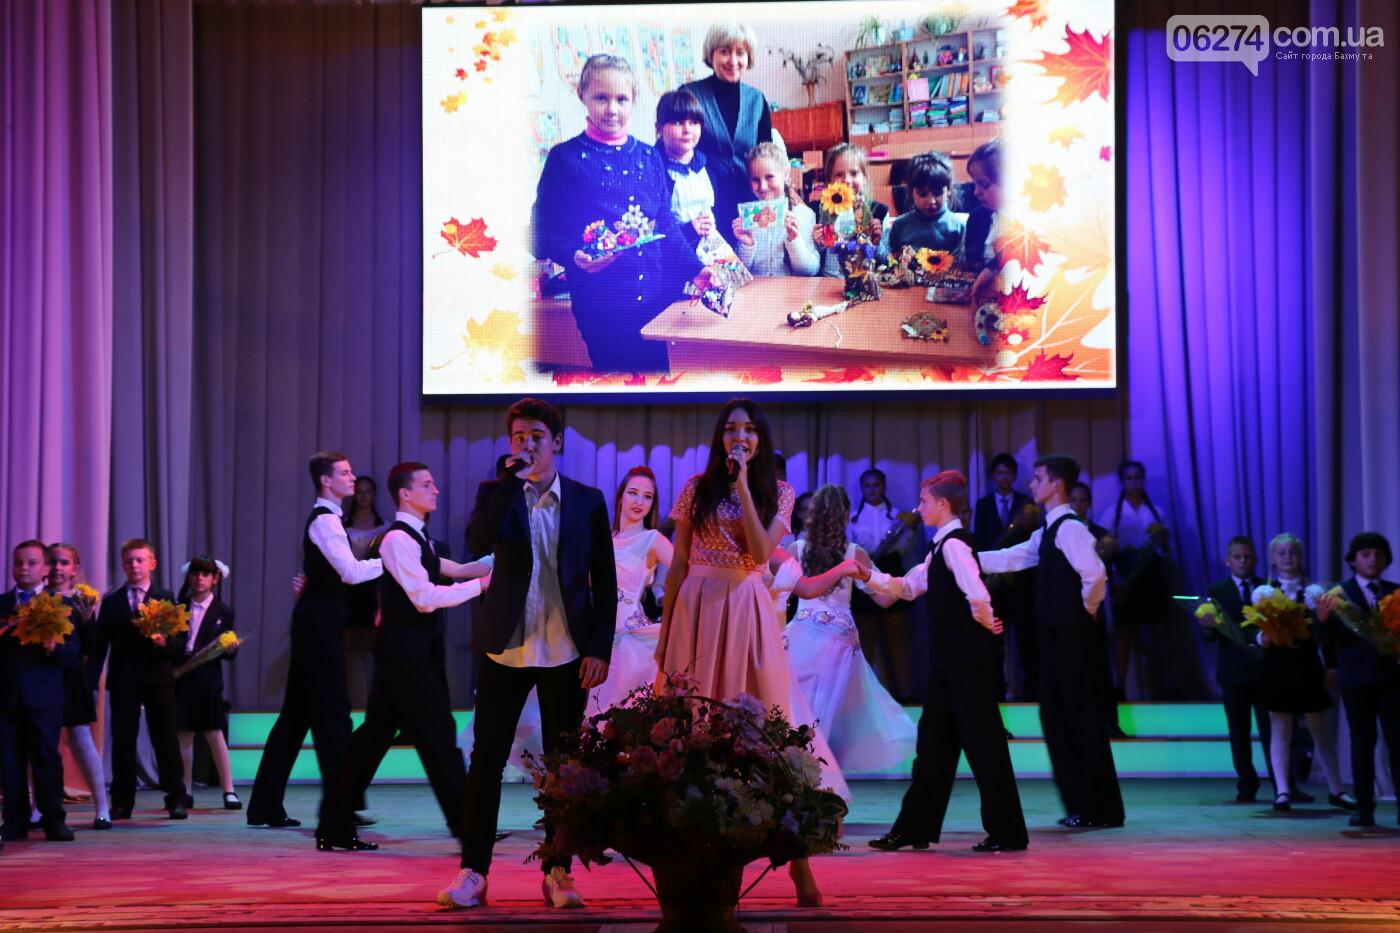 В Бахмуте педагогов поздравили с профессиональным праздником, фото-13